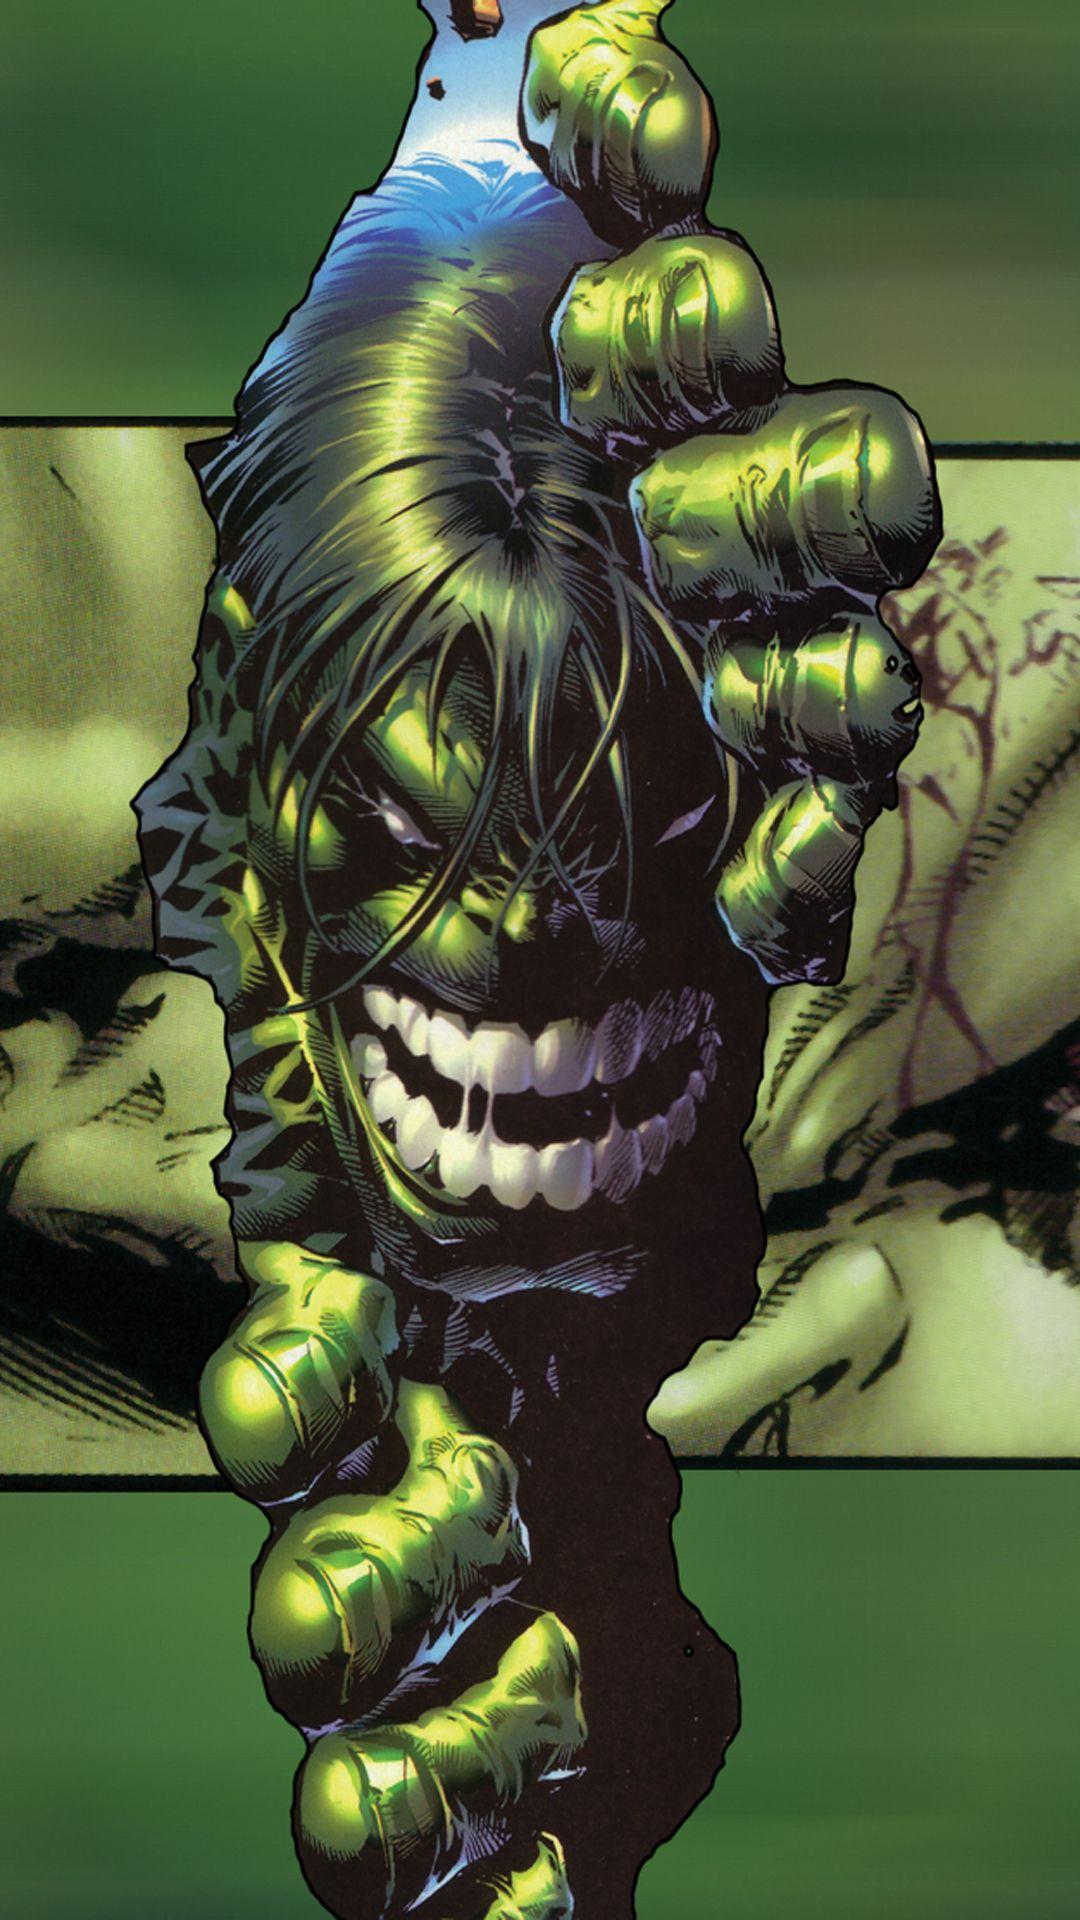 Descargarfondosdepantalla On Imagenes De Hulk Fondos De